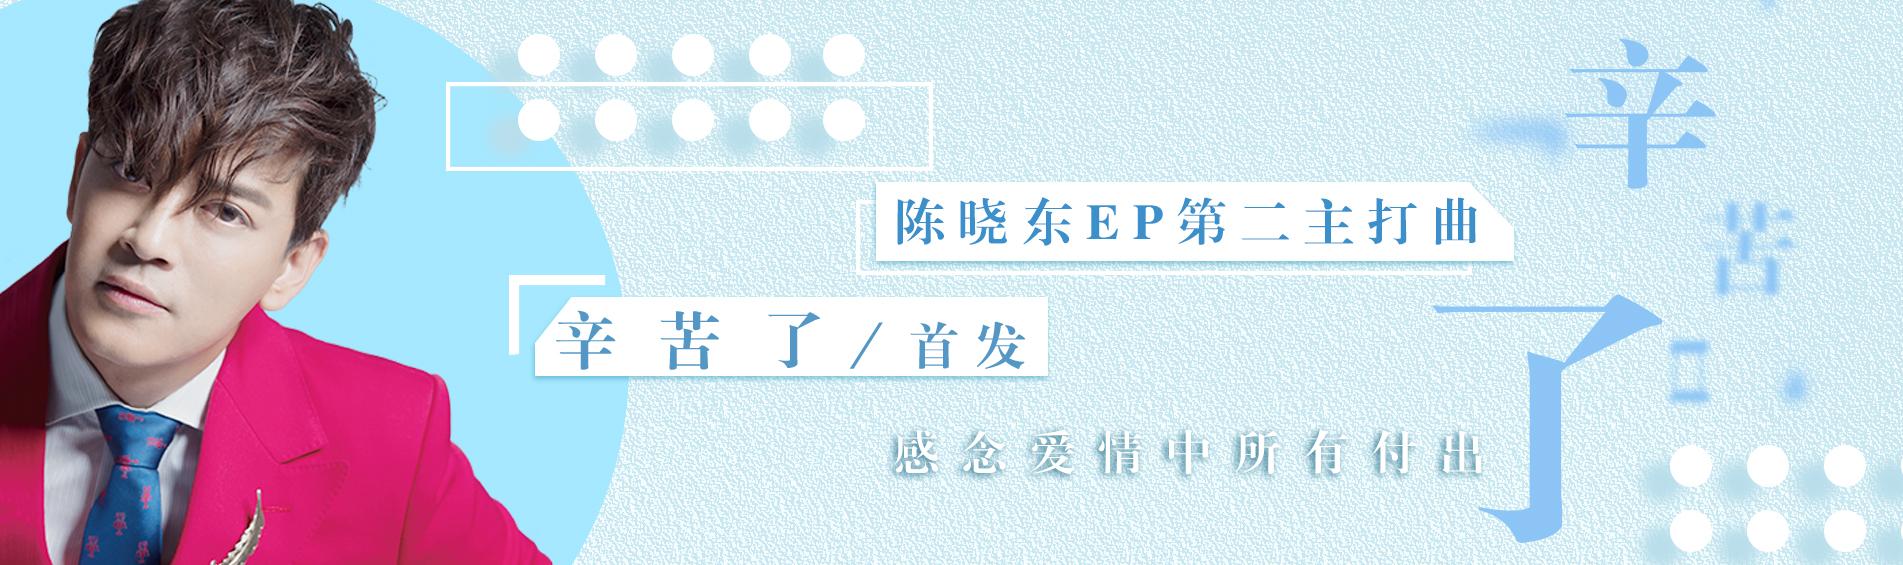 陈晓东EP第二主打曲